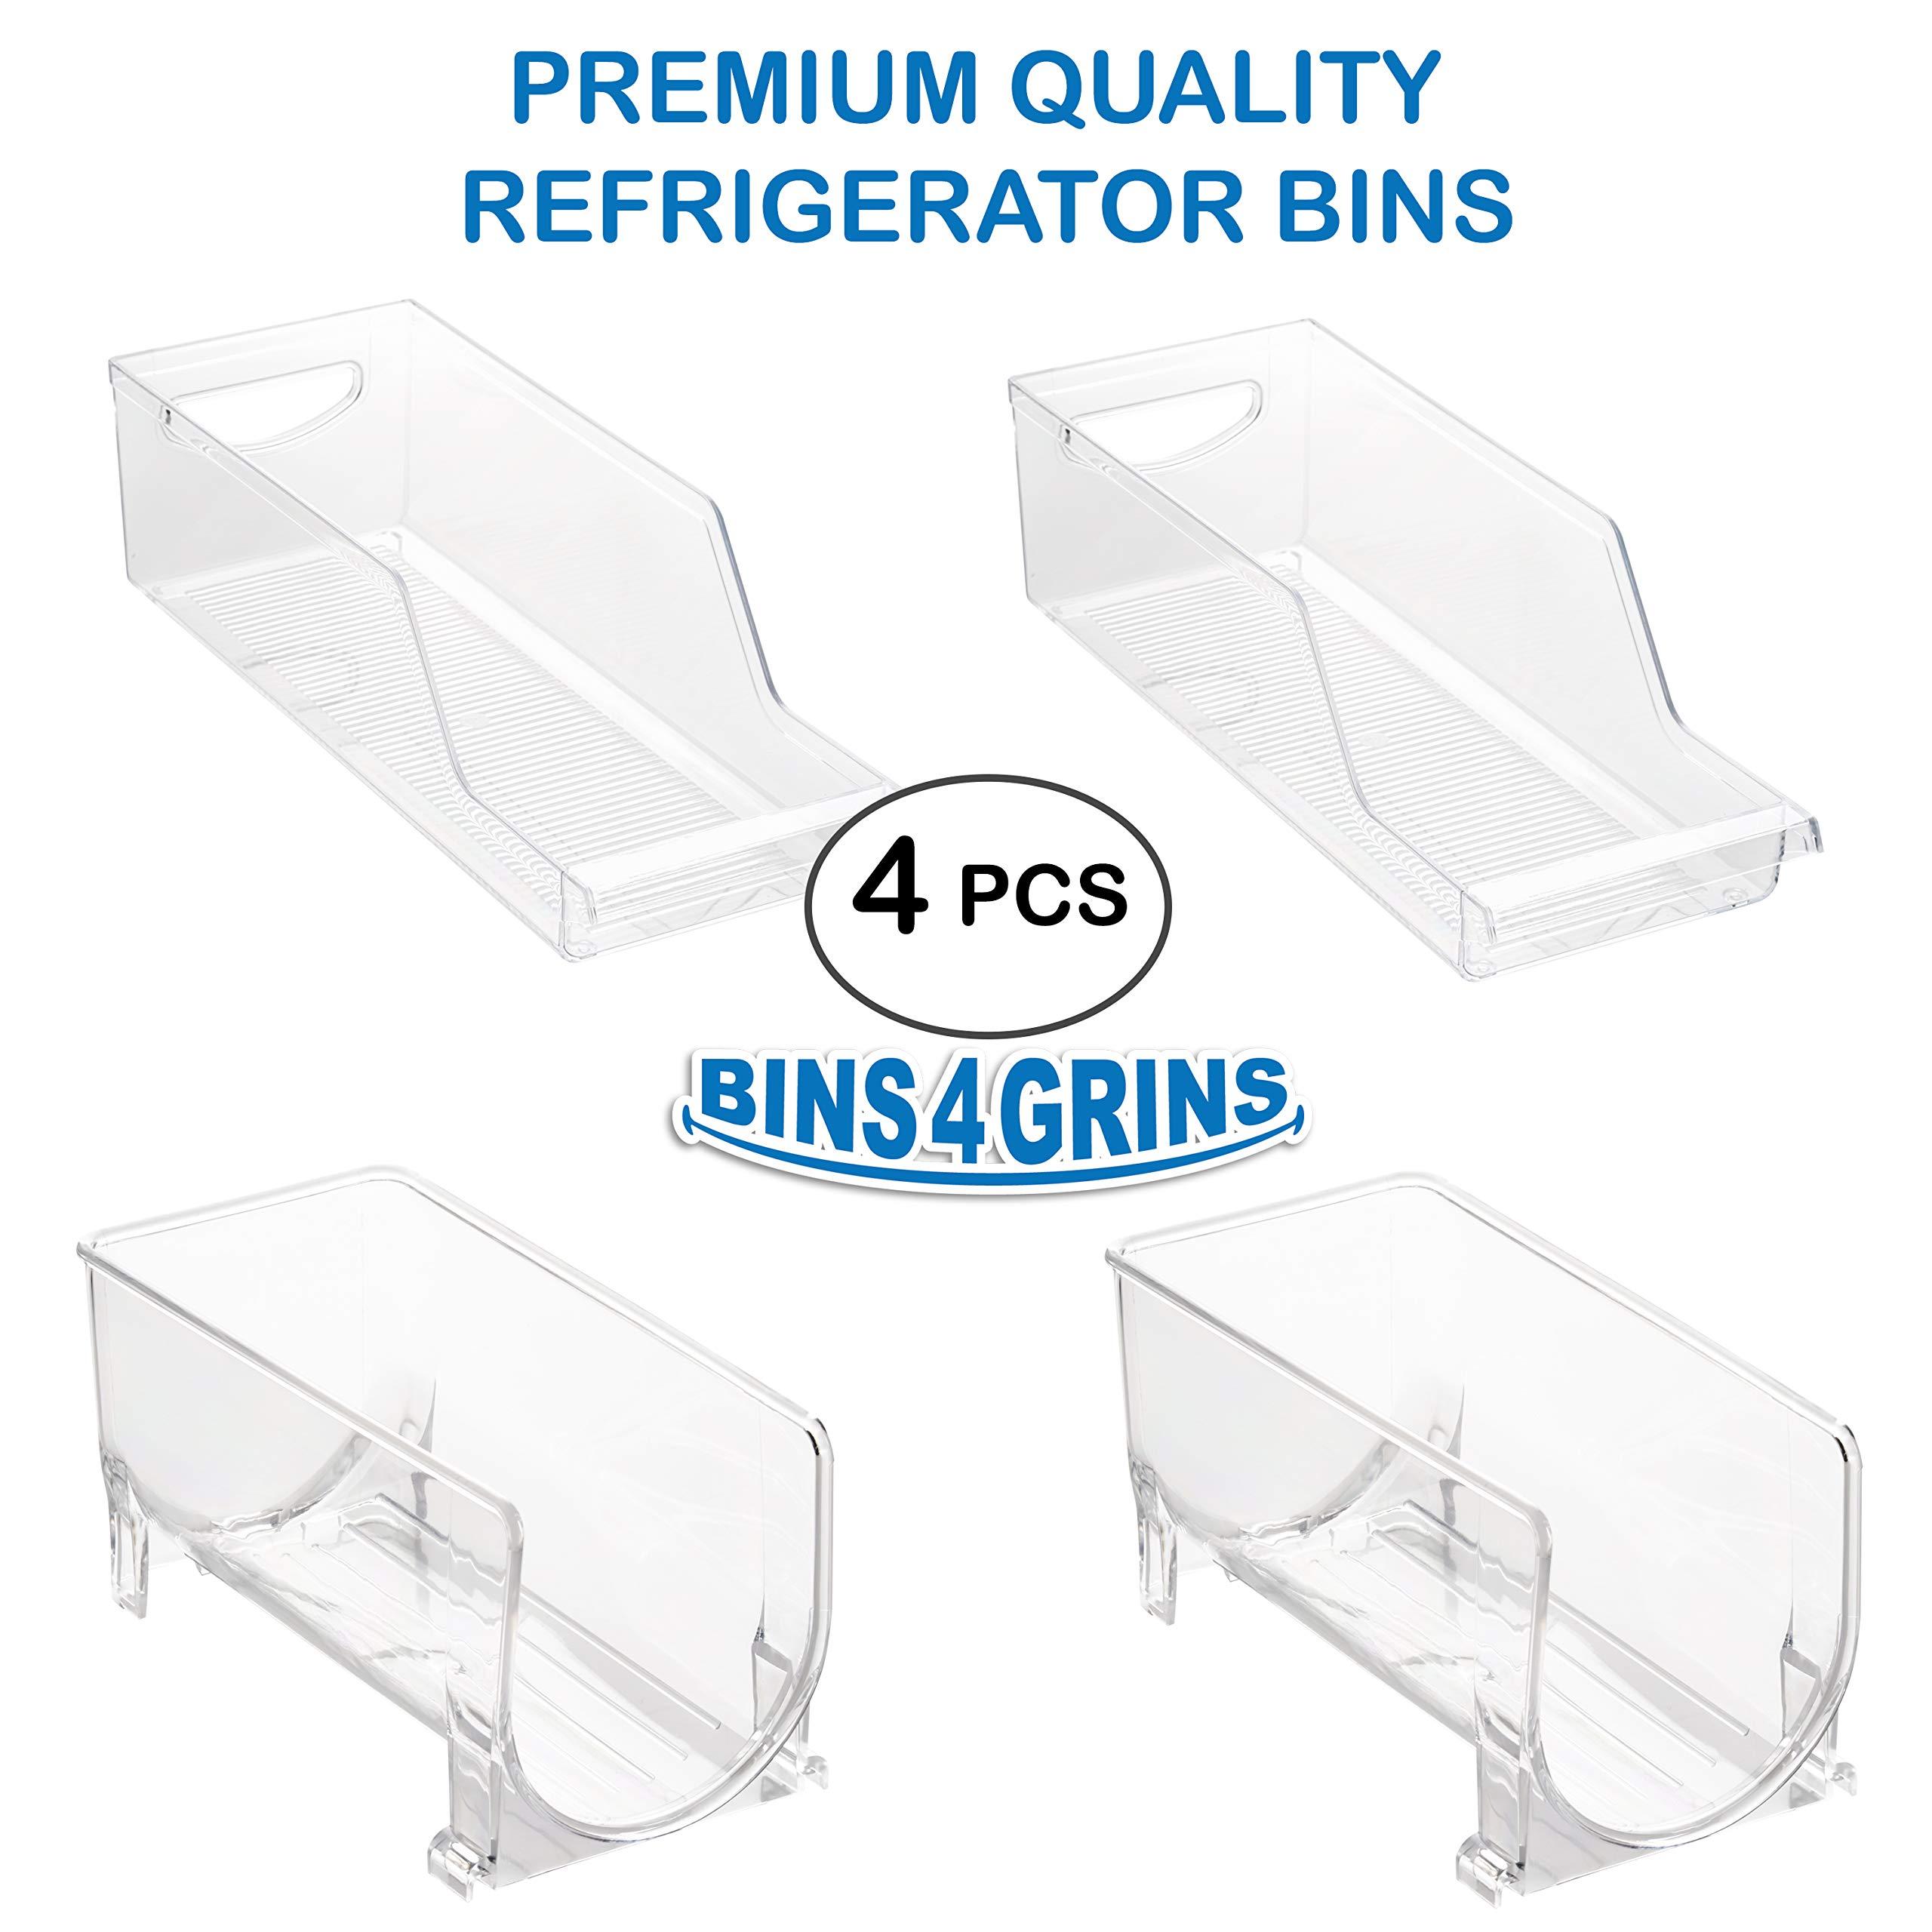 Stackable Bins Kitchen Storage Containers Refrigerator Organizer 4 pc Set Bins 4 Grins